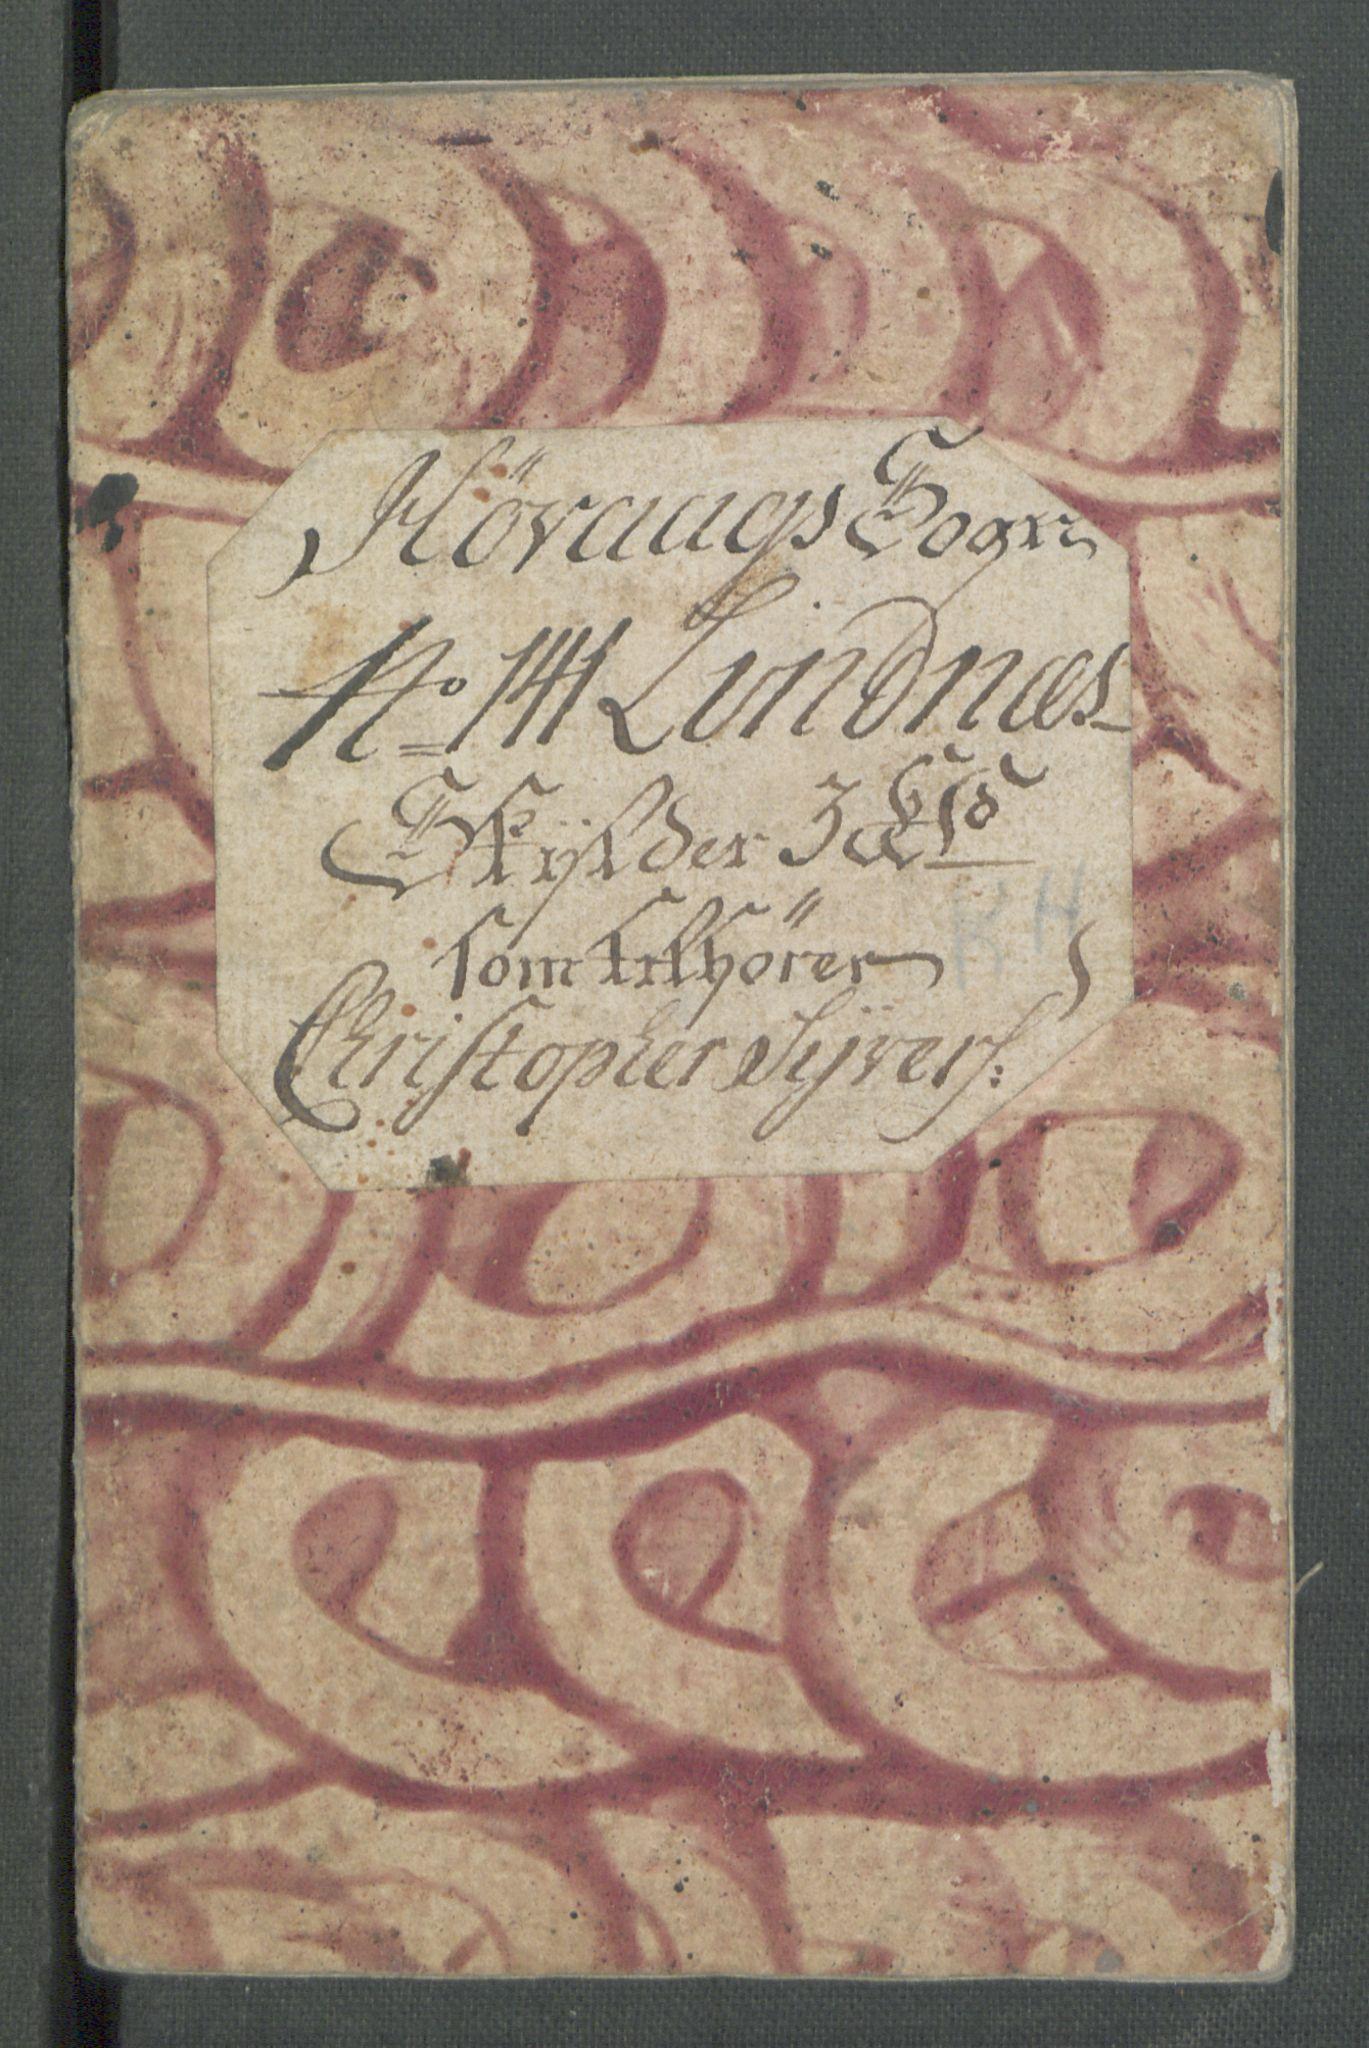 RA, Rentekammeret inntil 1814, Realistisk ordnet avdeling, Od/L0001: Oppløp, 1786-1769, s. 412